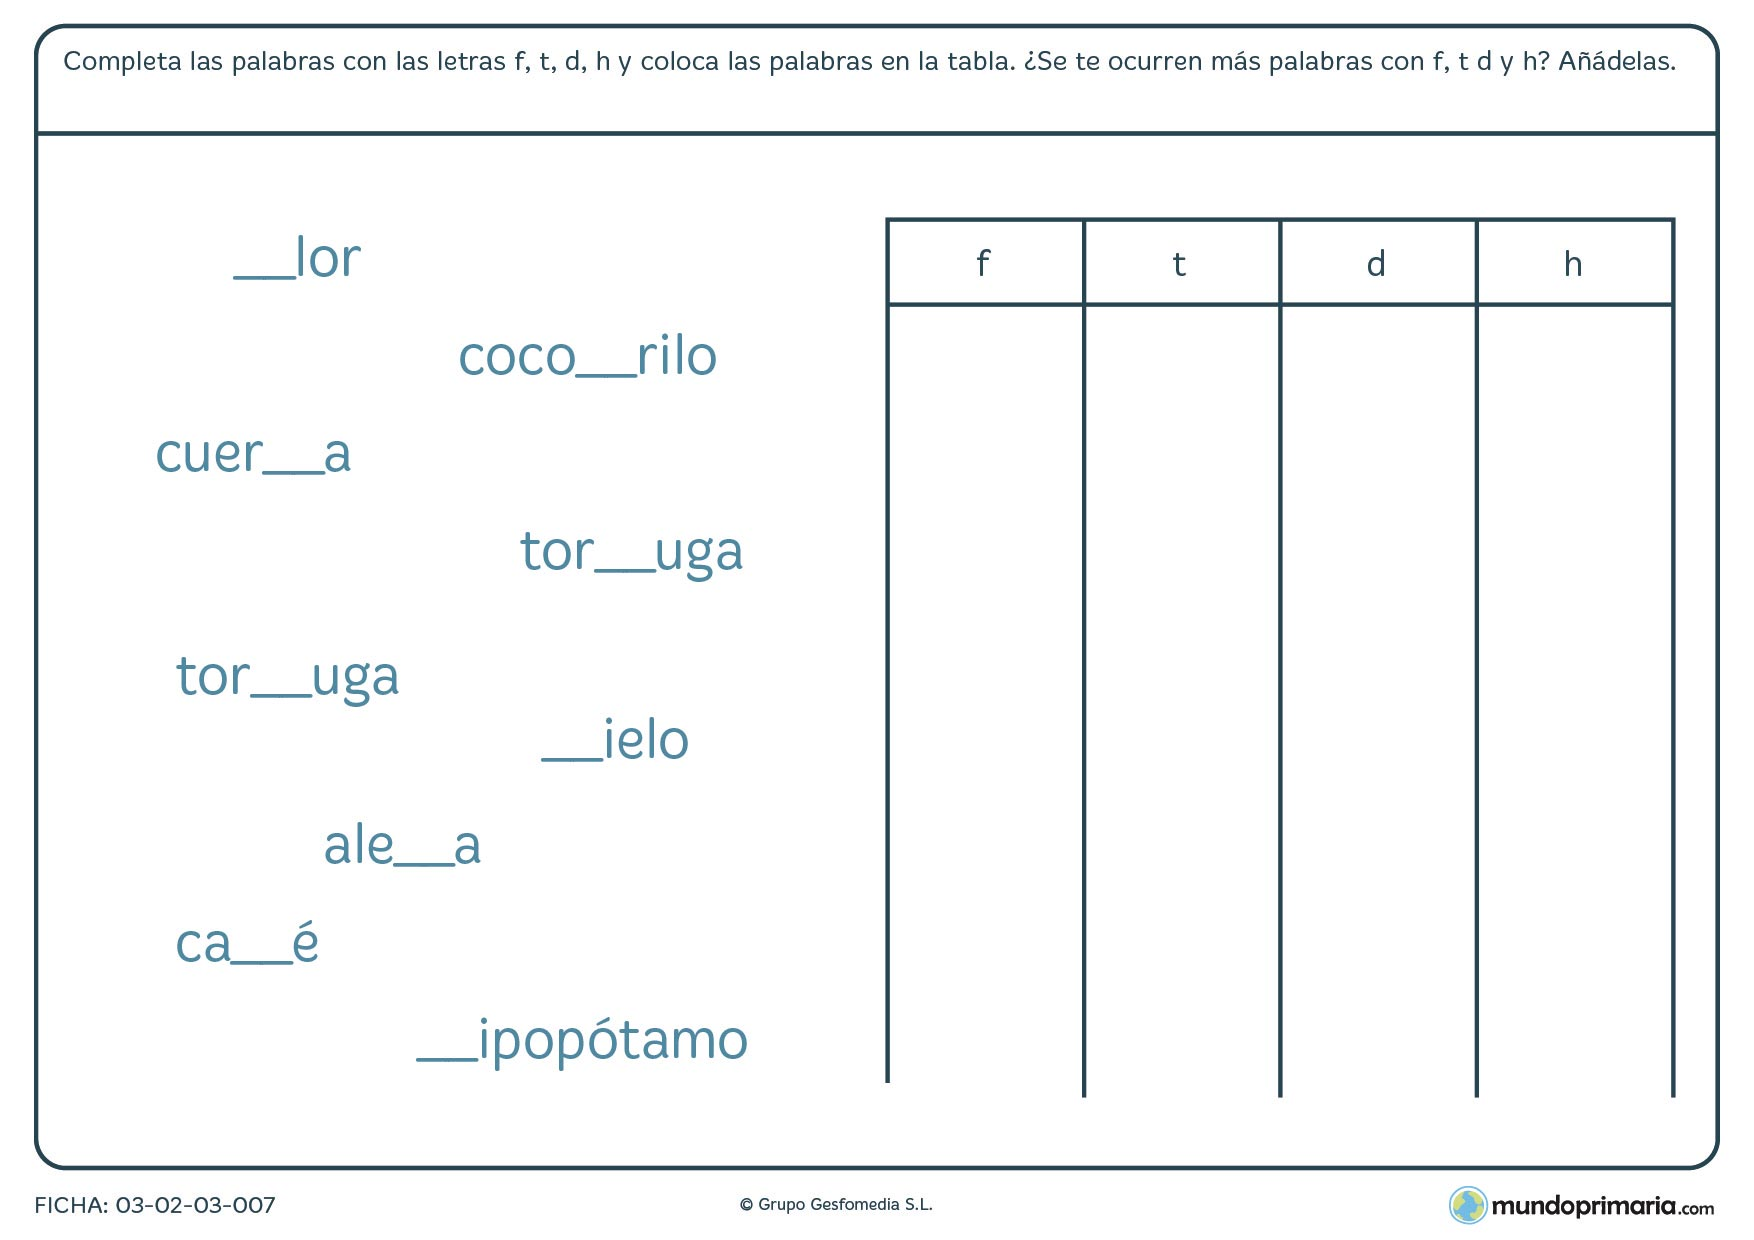 Ficha de las letras F T D y H para completar palabras y colocarlas en una tabla a rellenar.